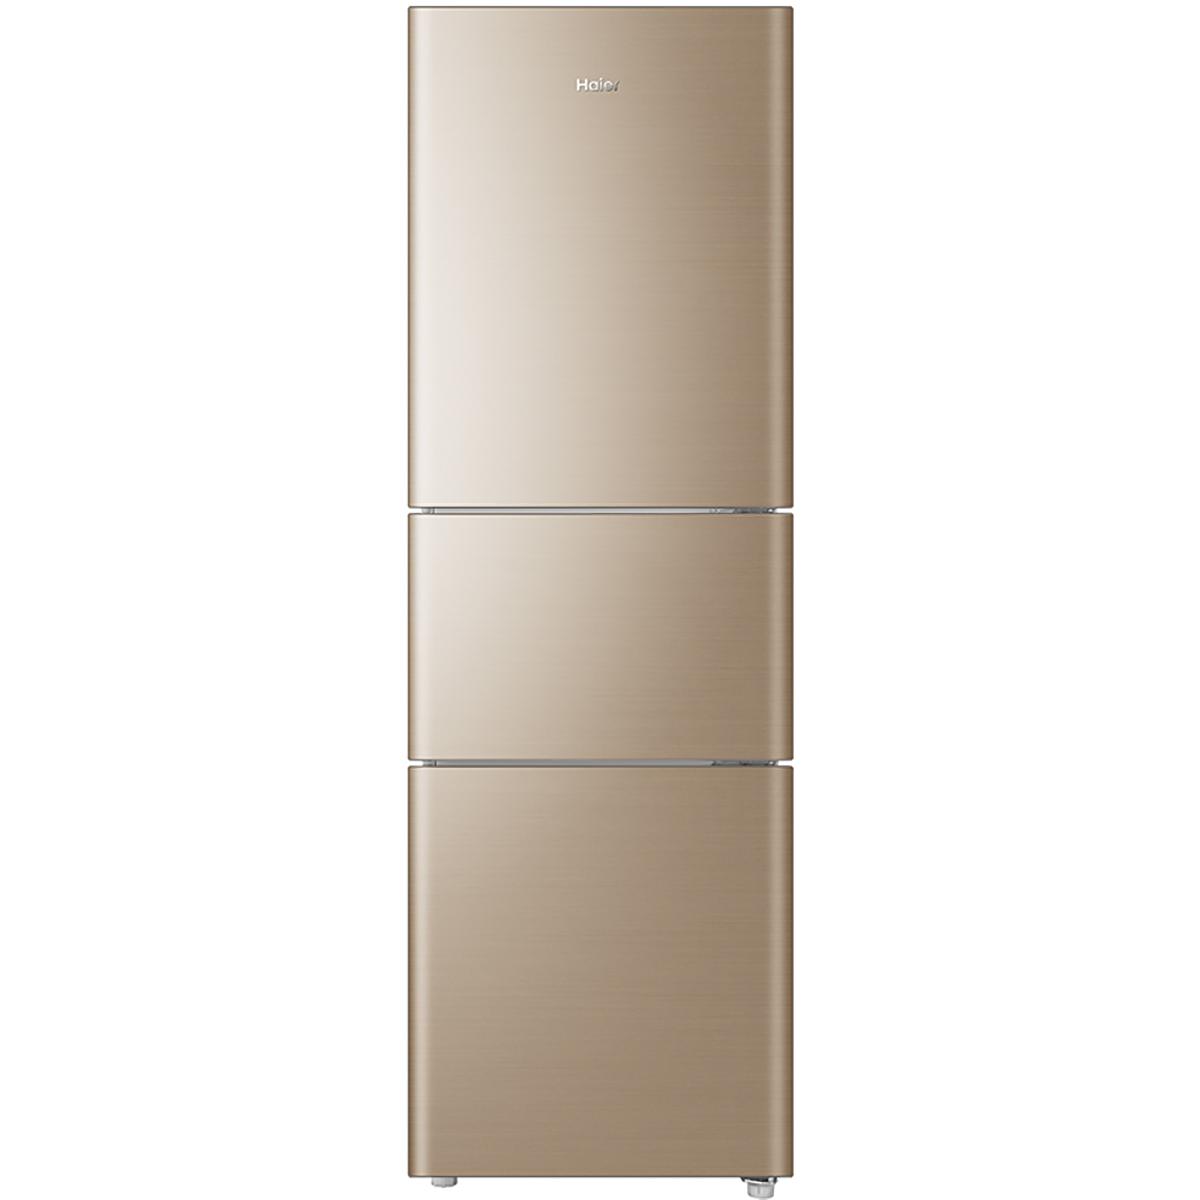 Haier/海尔                         冰箱                         BCD-206STPP